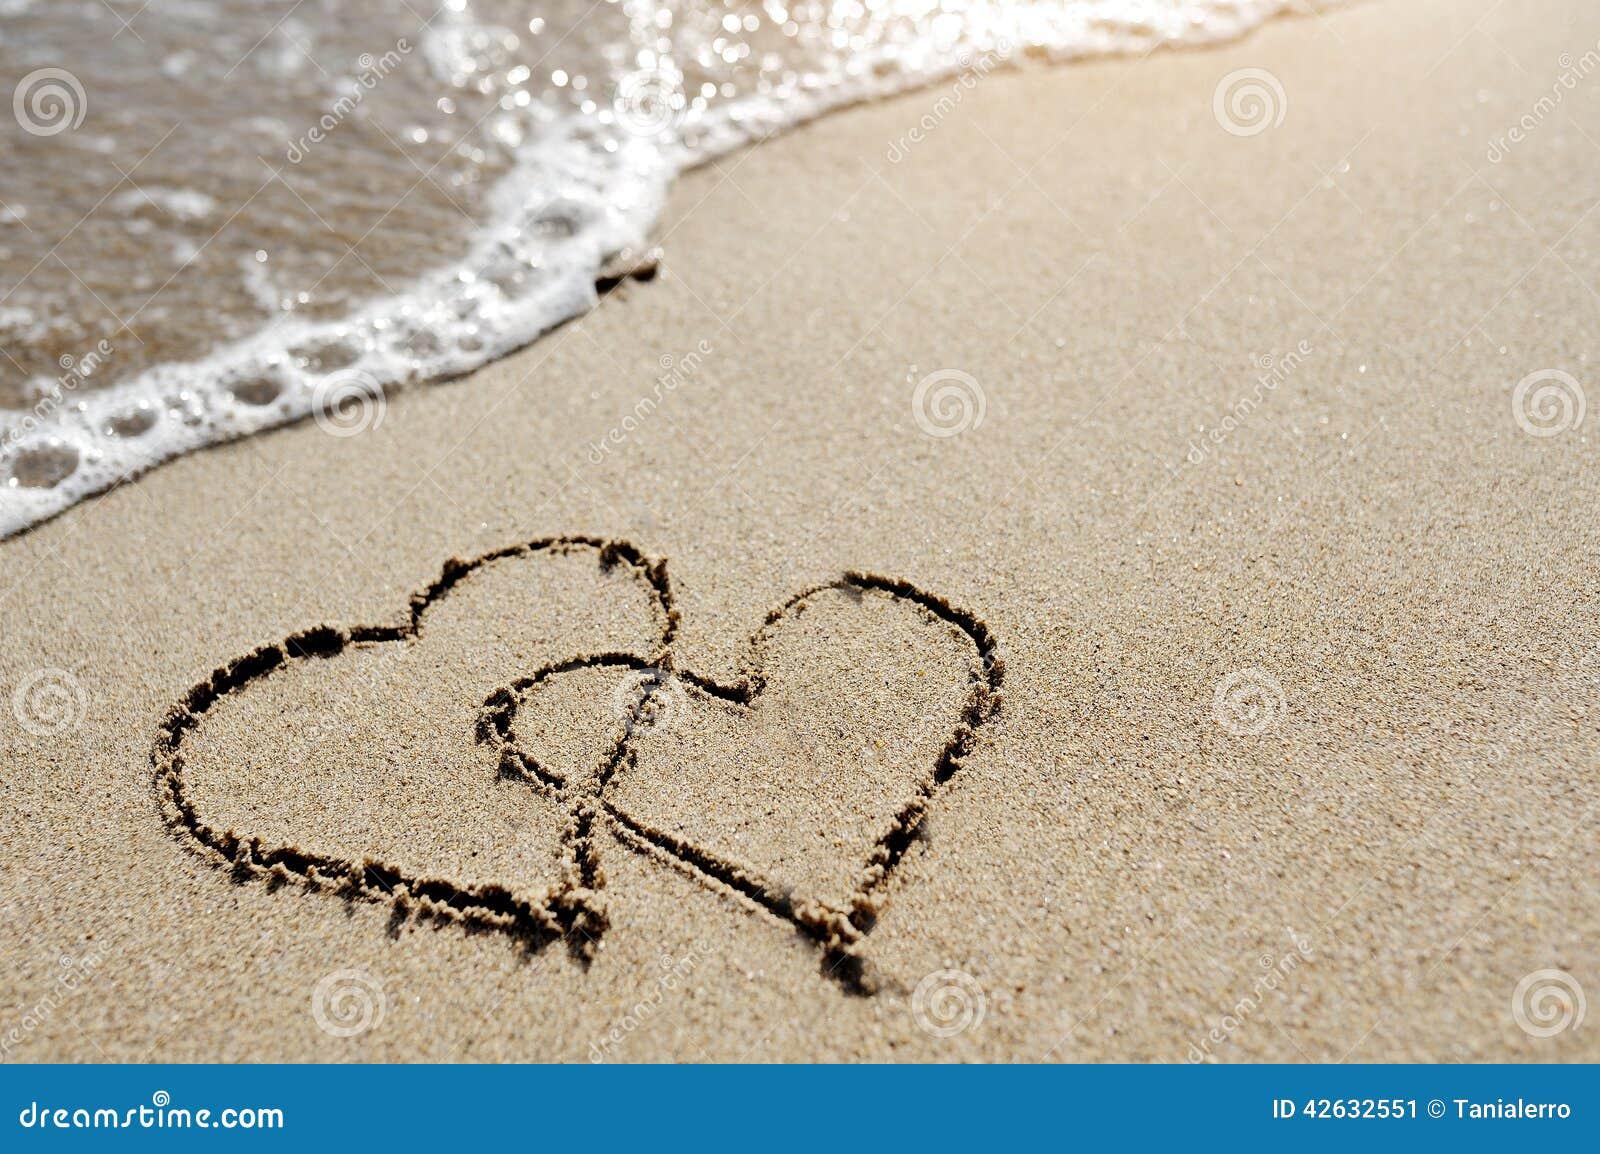 Eu Te Amo Escrito Na Areia Imagens De Stock Royalty Free: Two Hearts Drawn On The Beach Sand Stock